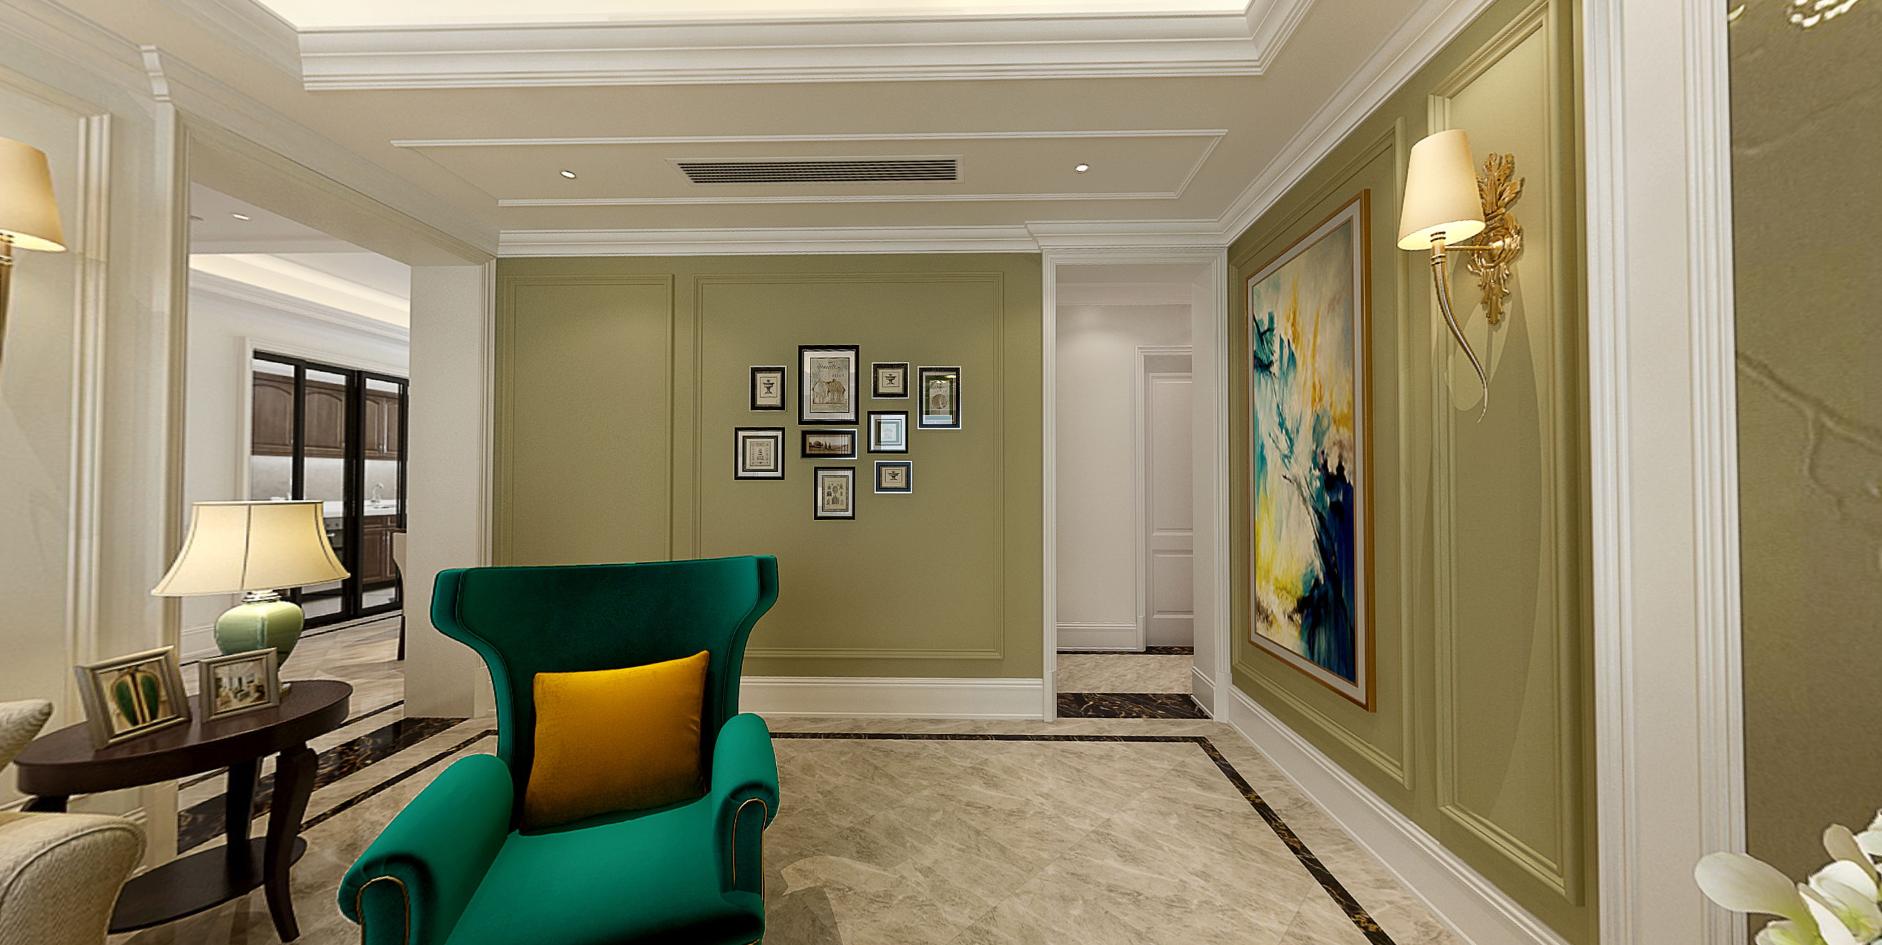 美式客厅照片墙效果图